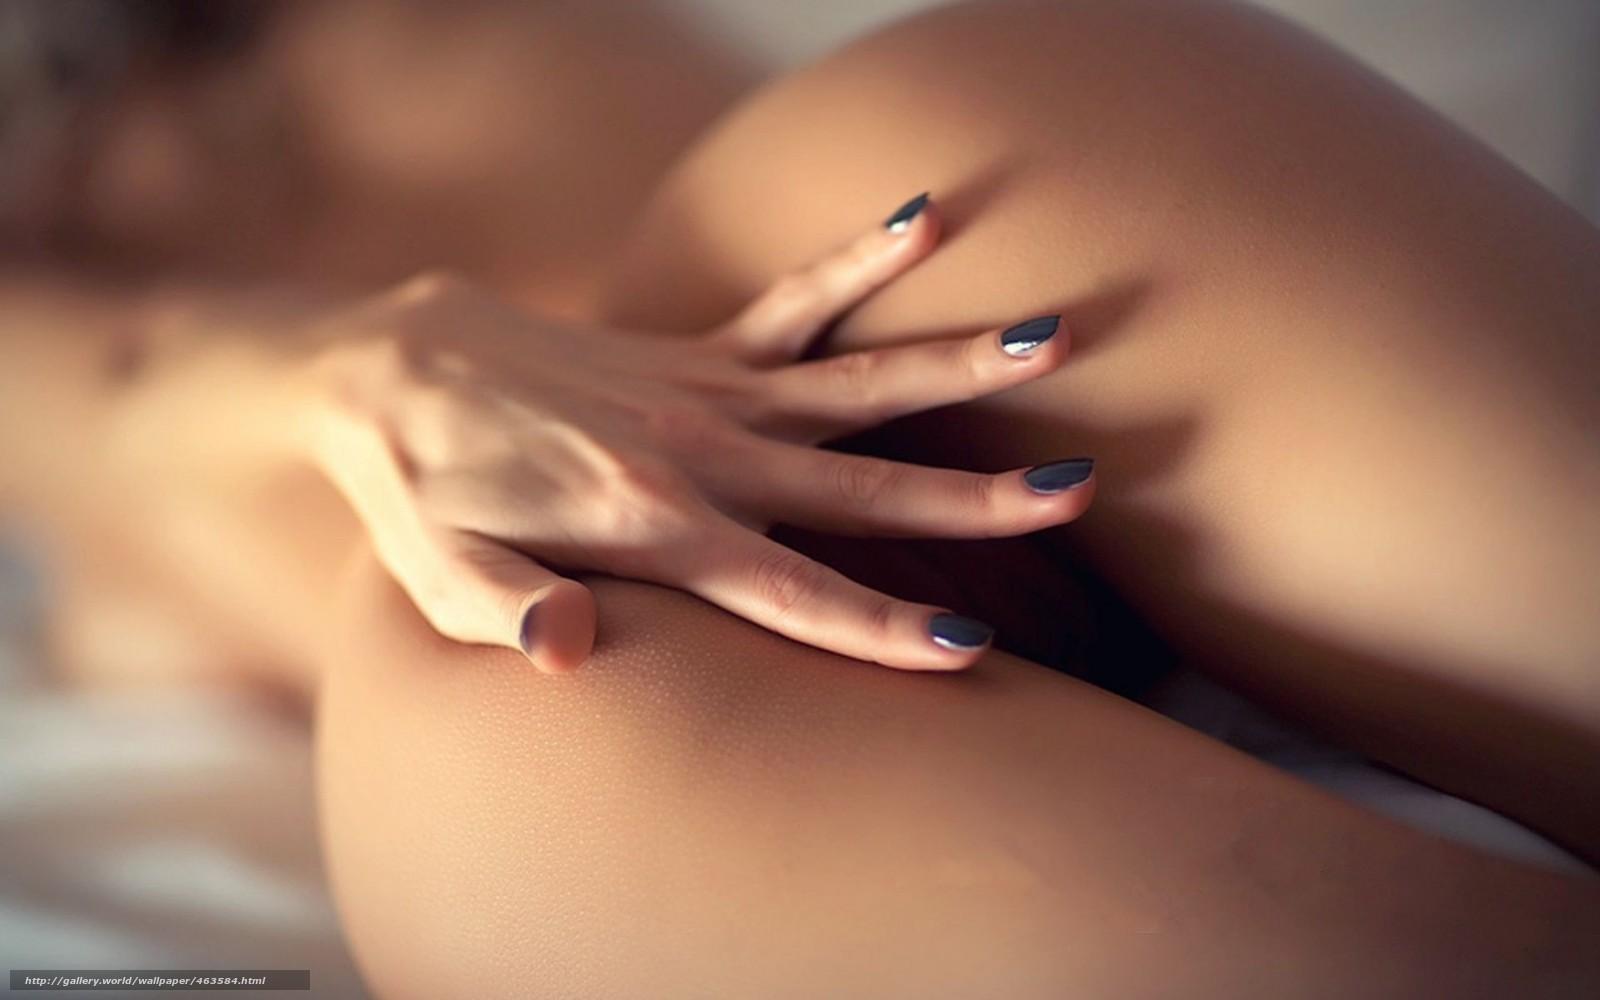 Стимулирующий массаж точки джи смотреть в ютубе 19 фотография